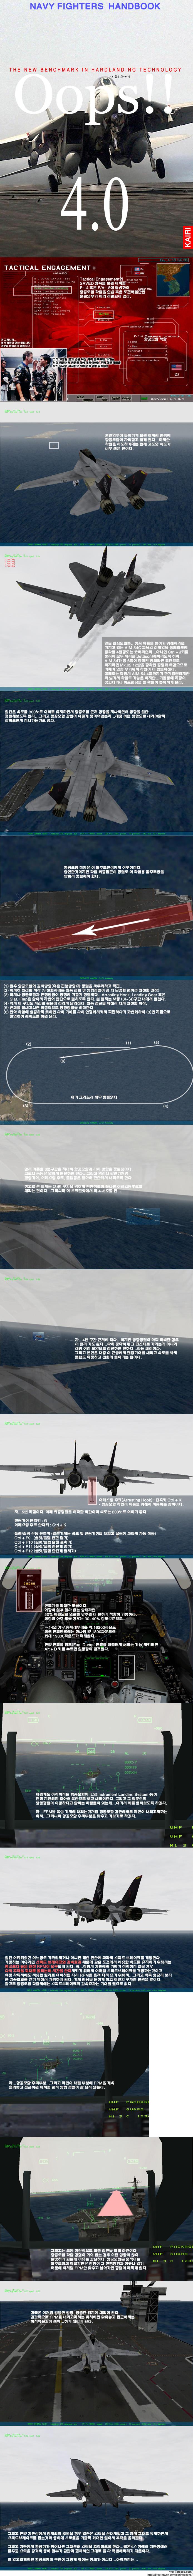 manual_23_navy1.jpg